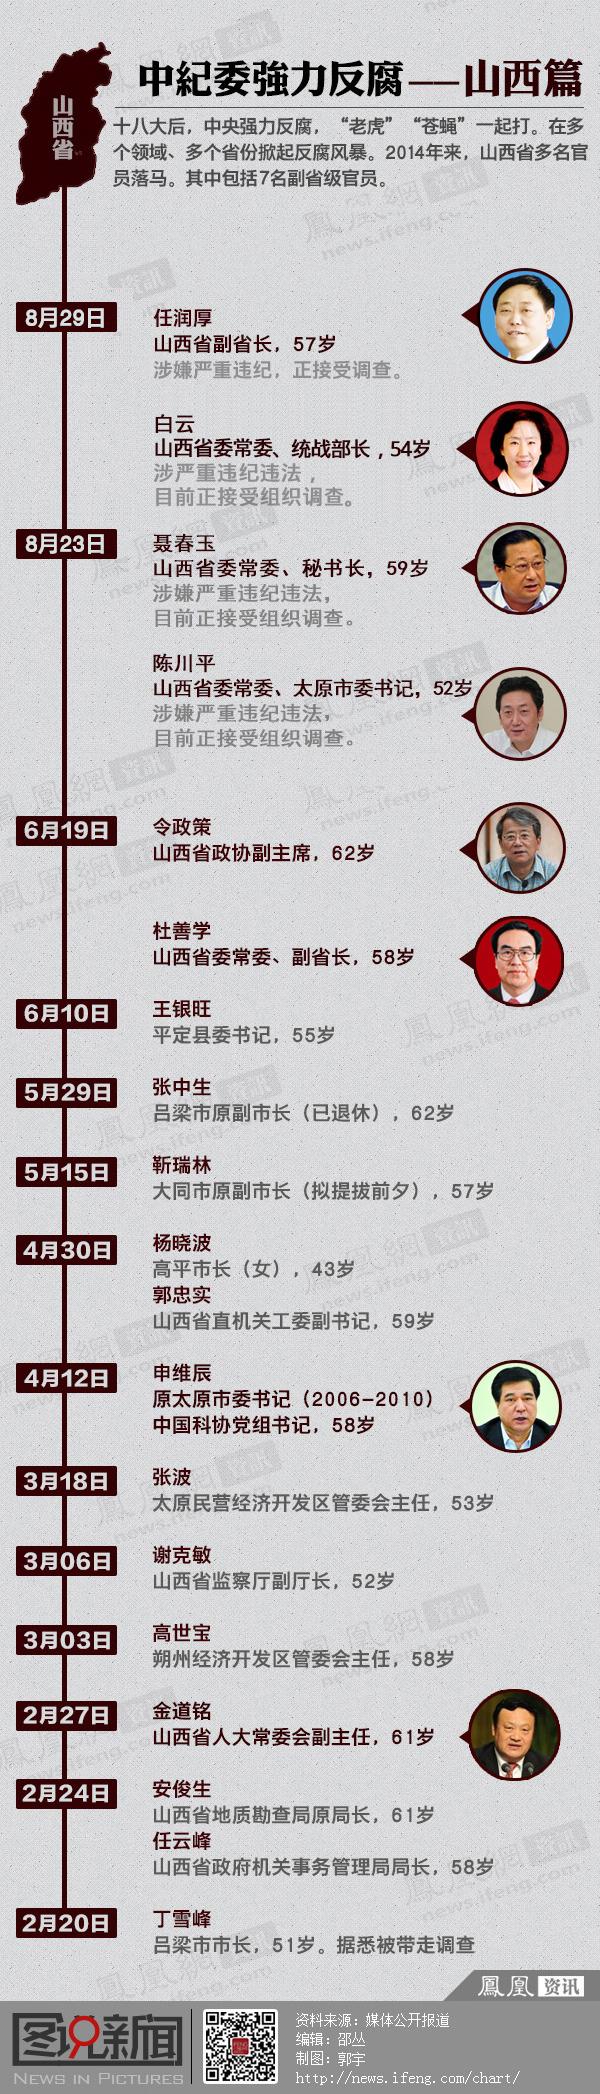 中纪委强力反腐——山西篇 - 大海 - 大海